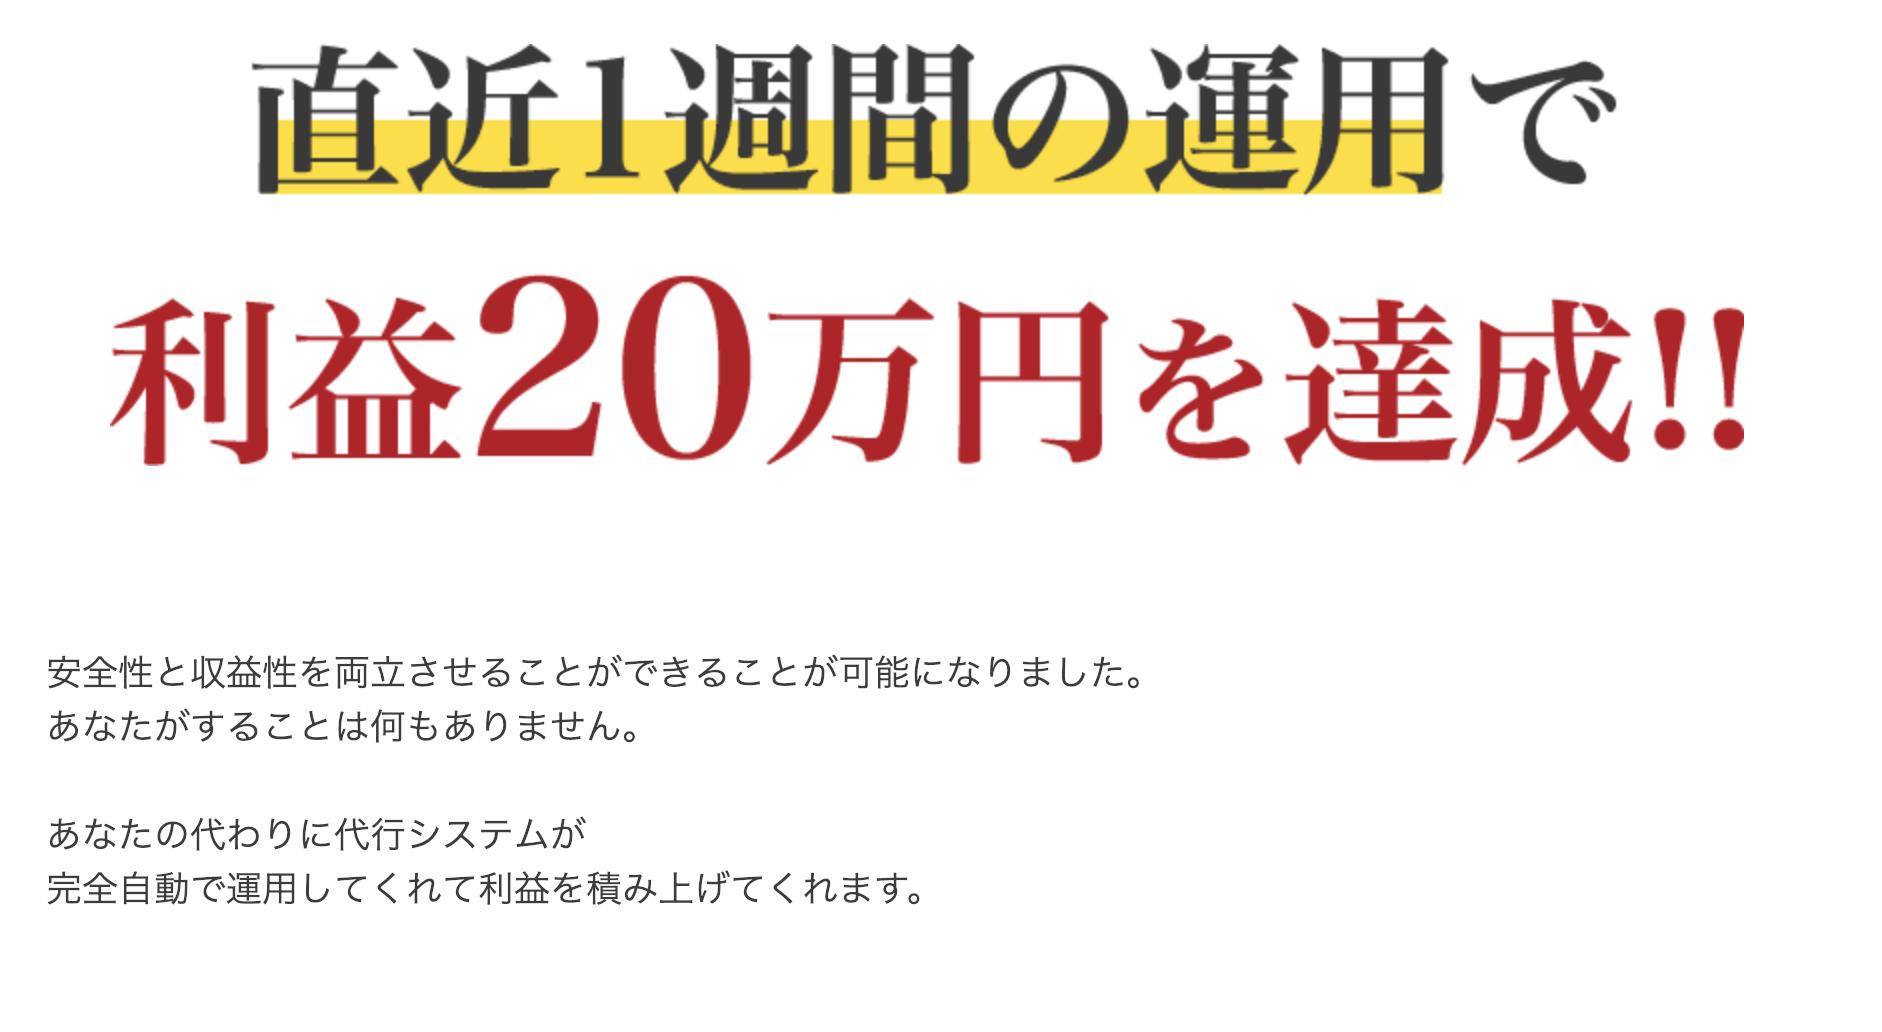 陣内弘樹のOASystem(オペレートアクトシステム)20万